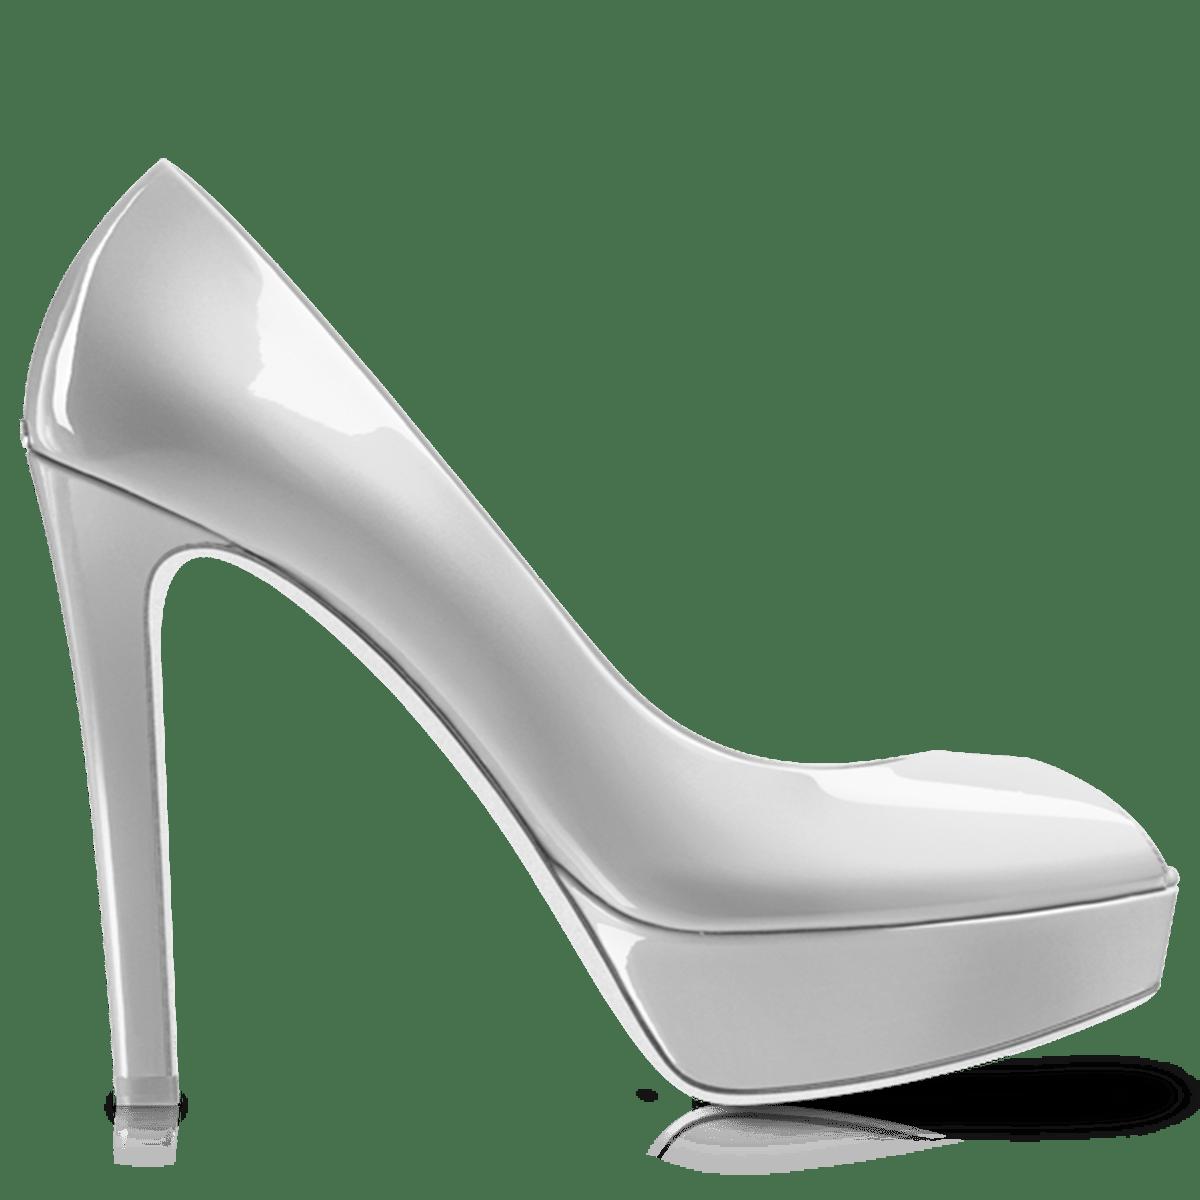 women-shoes-clip-art-32